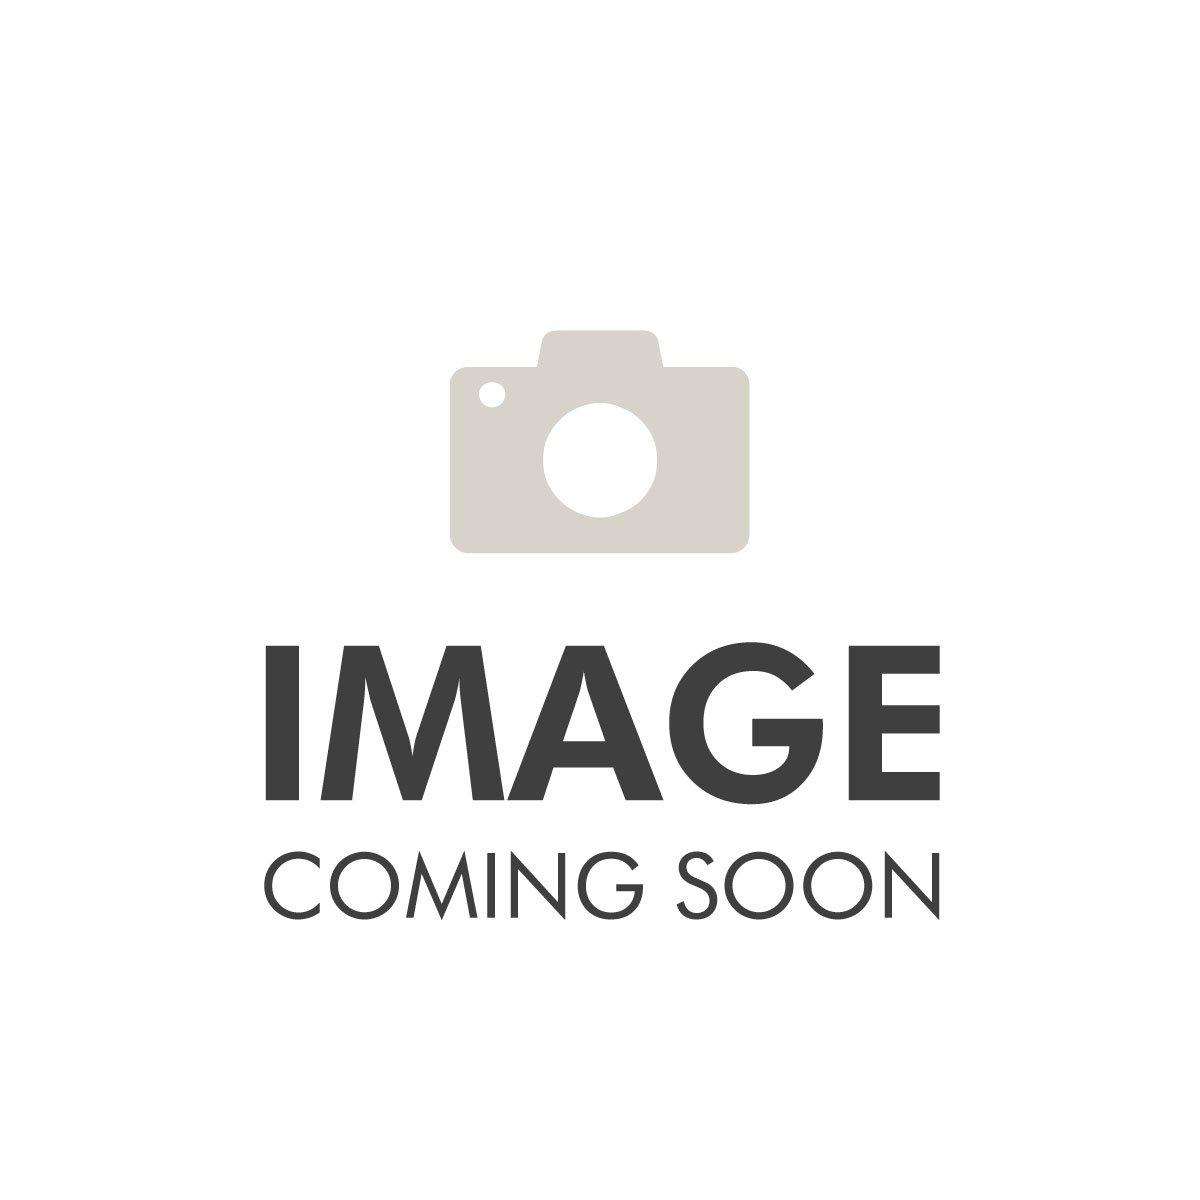 Uhlmann - Vis de pointe de fleuret (10-Pack)